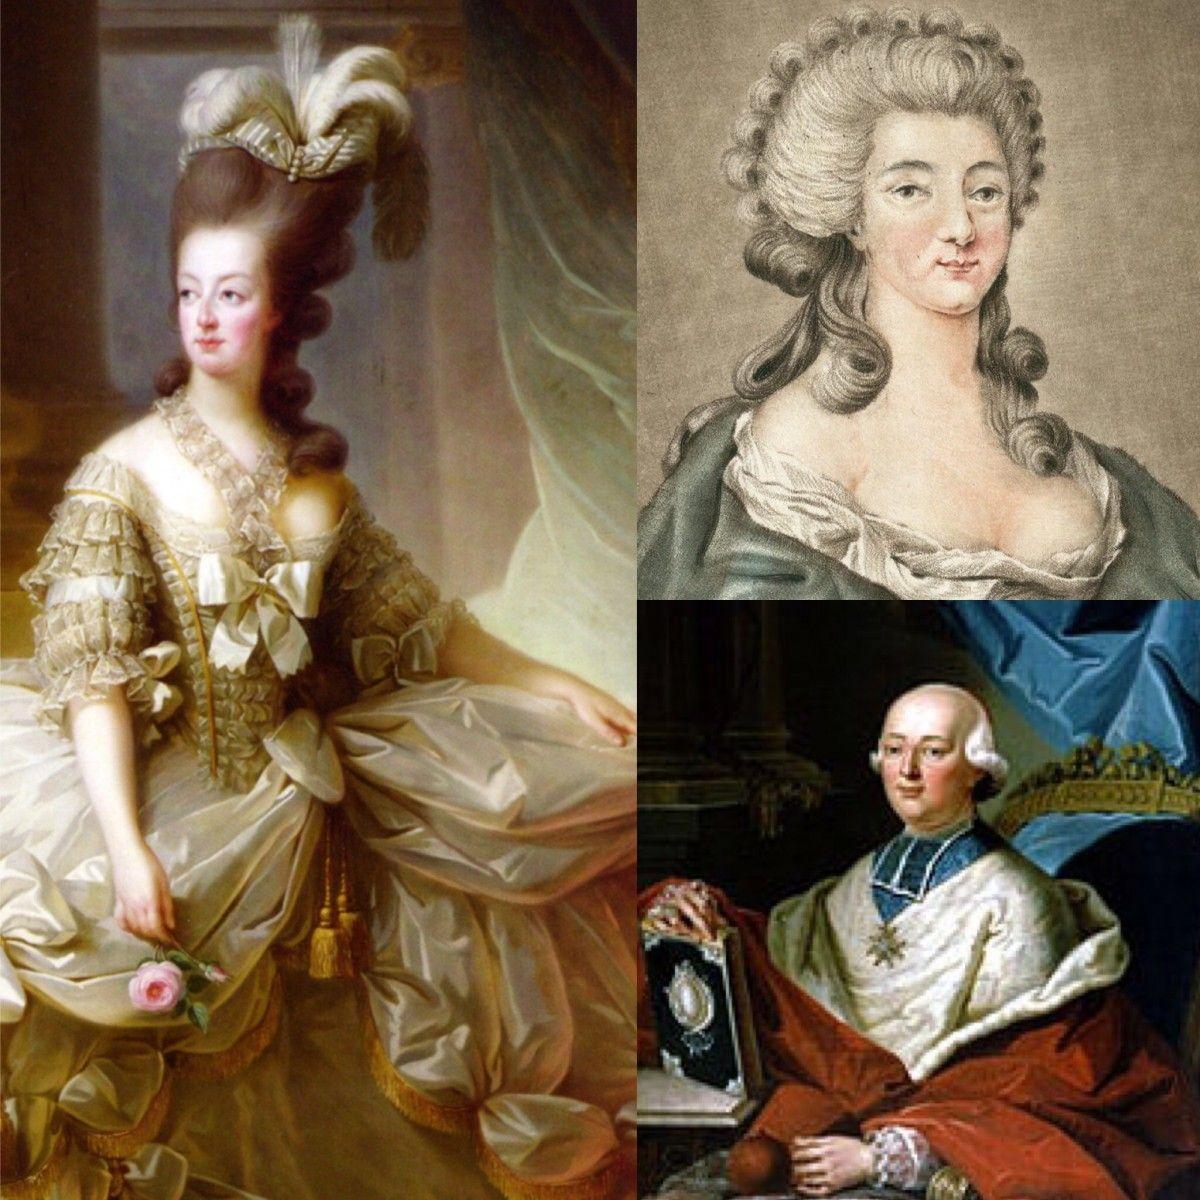 Lo Scandalo Della Collana Film l'affare della collana: la sosia della regina - parigi